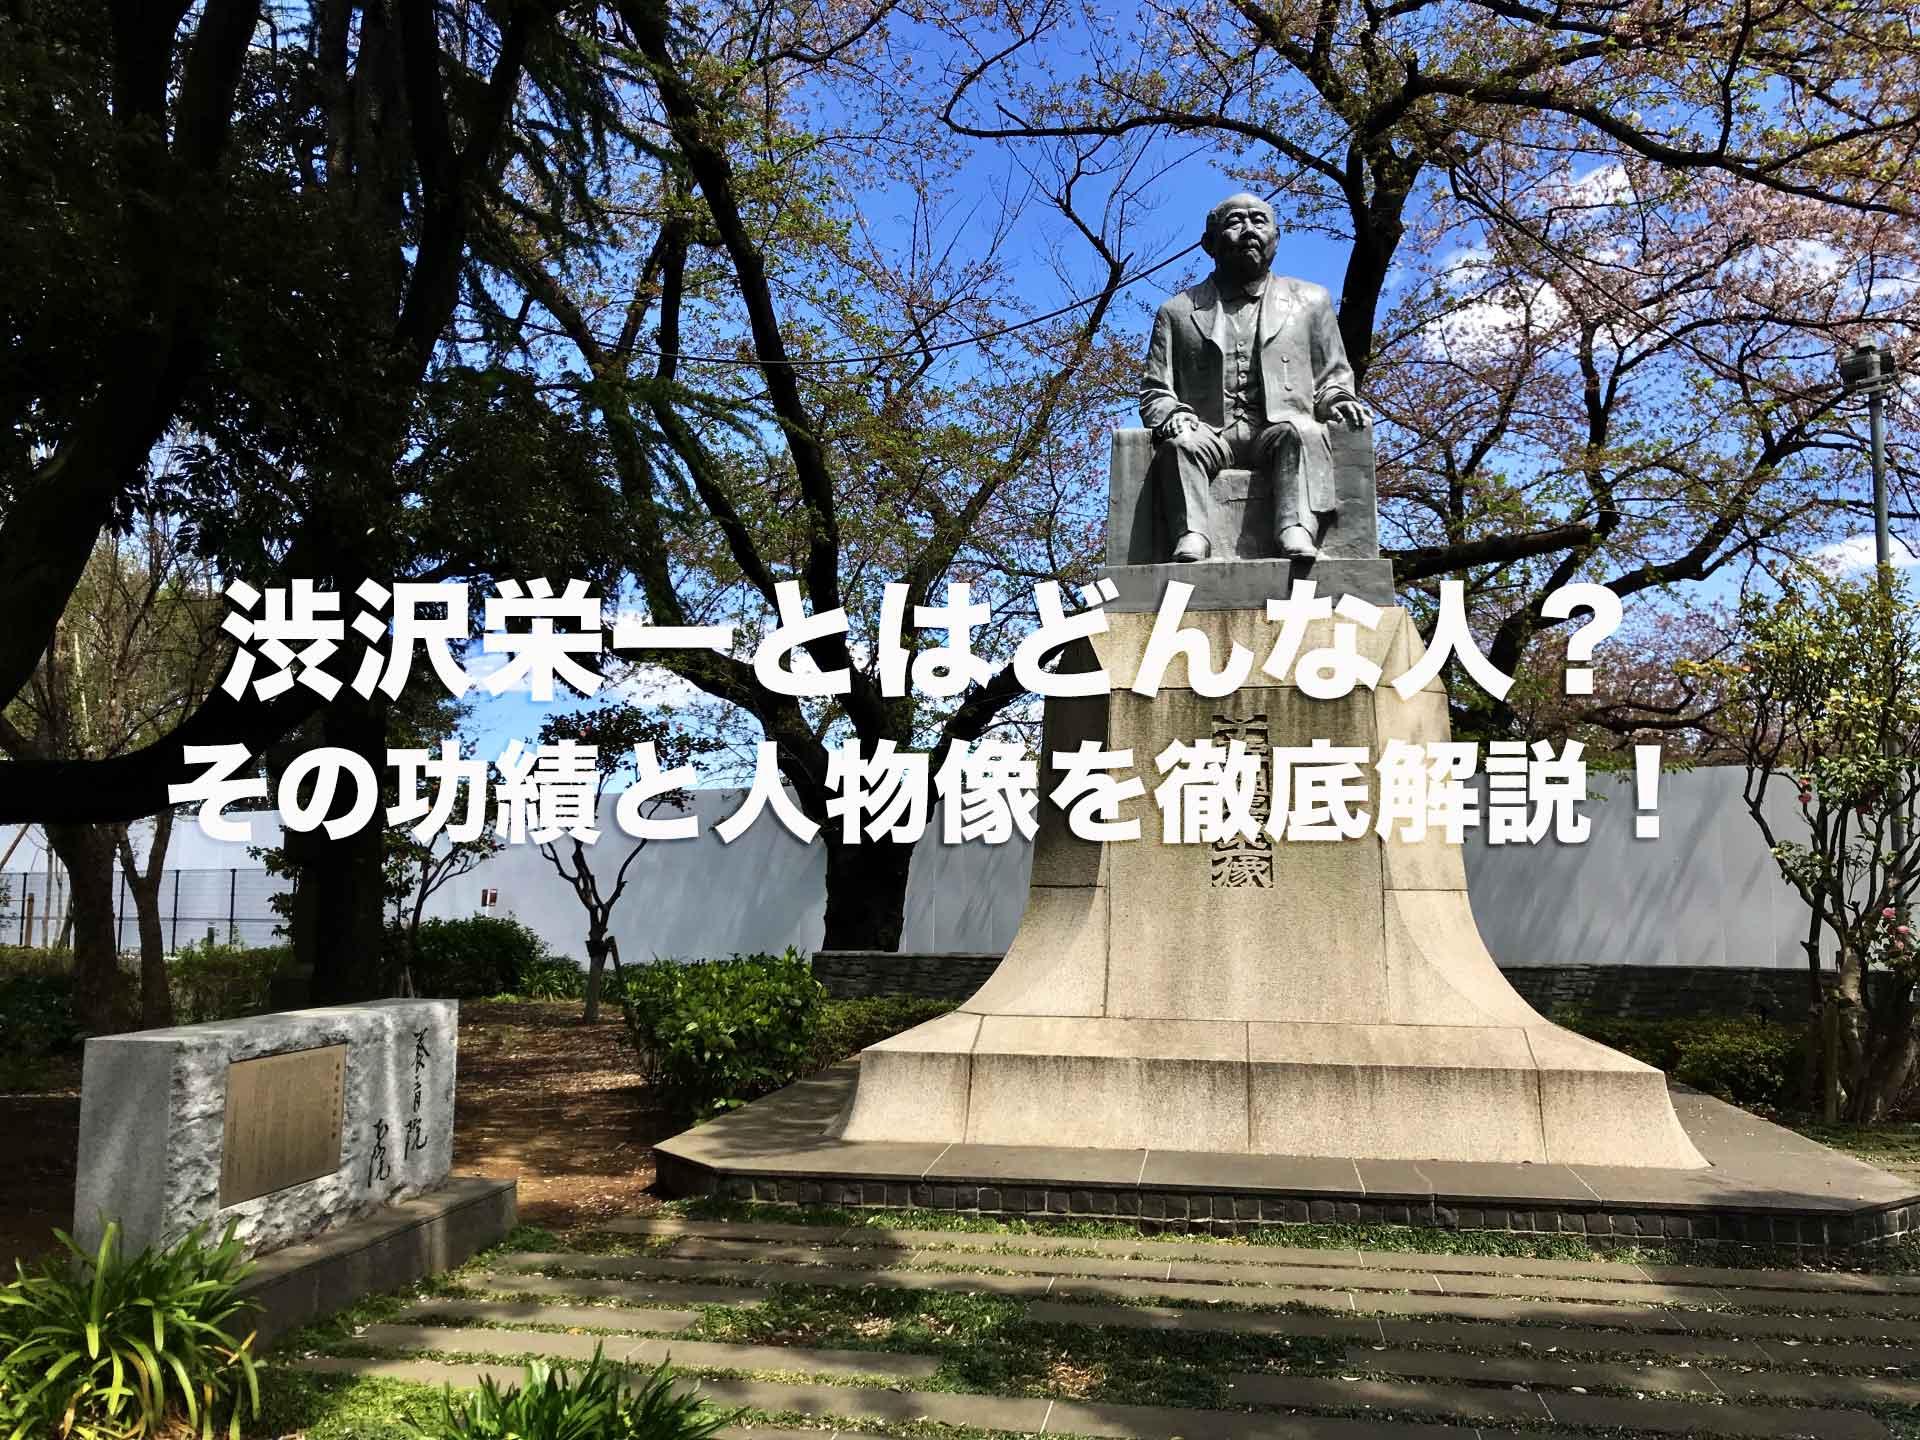 渋沢栄一とはどんな人?年表形式で簡単に、功績と人物像を徹底解説!